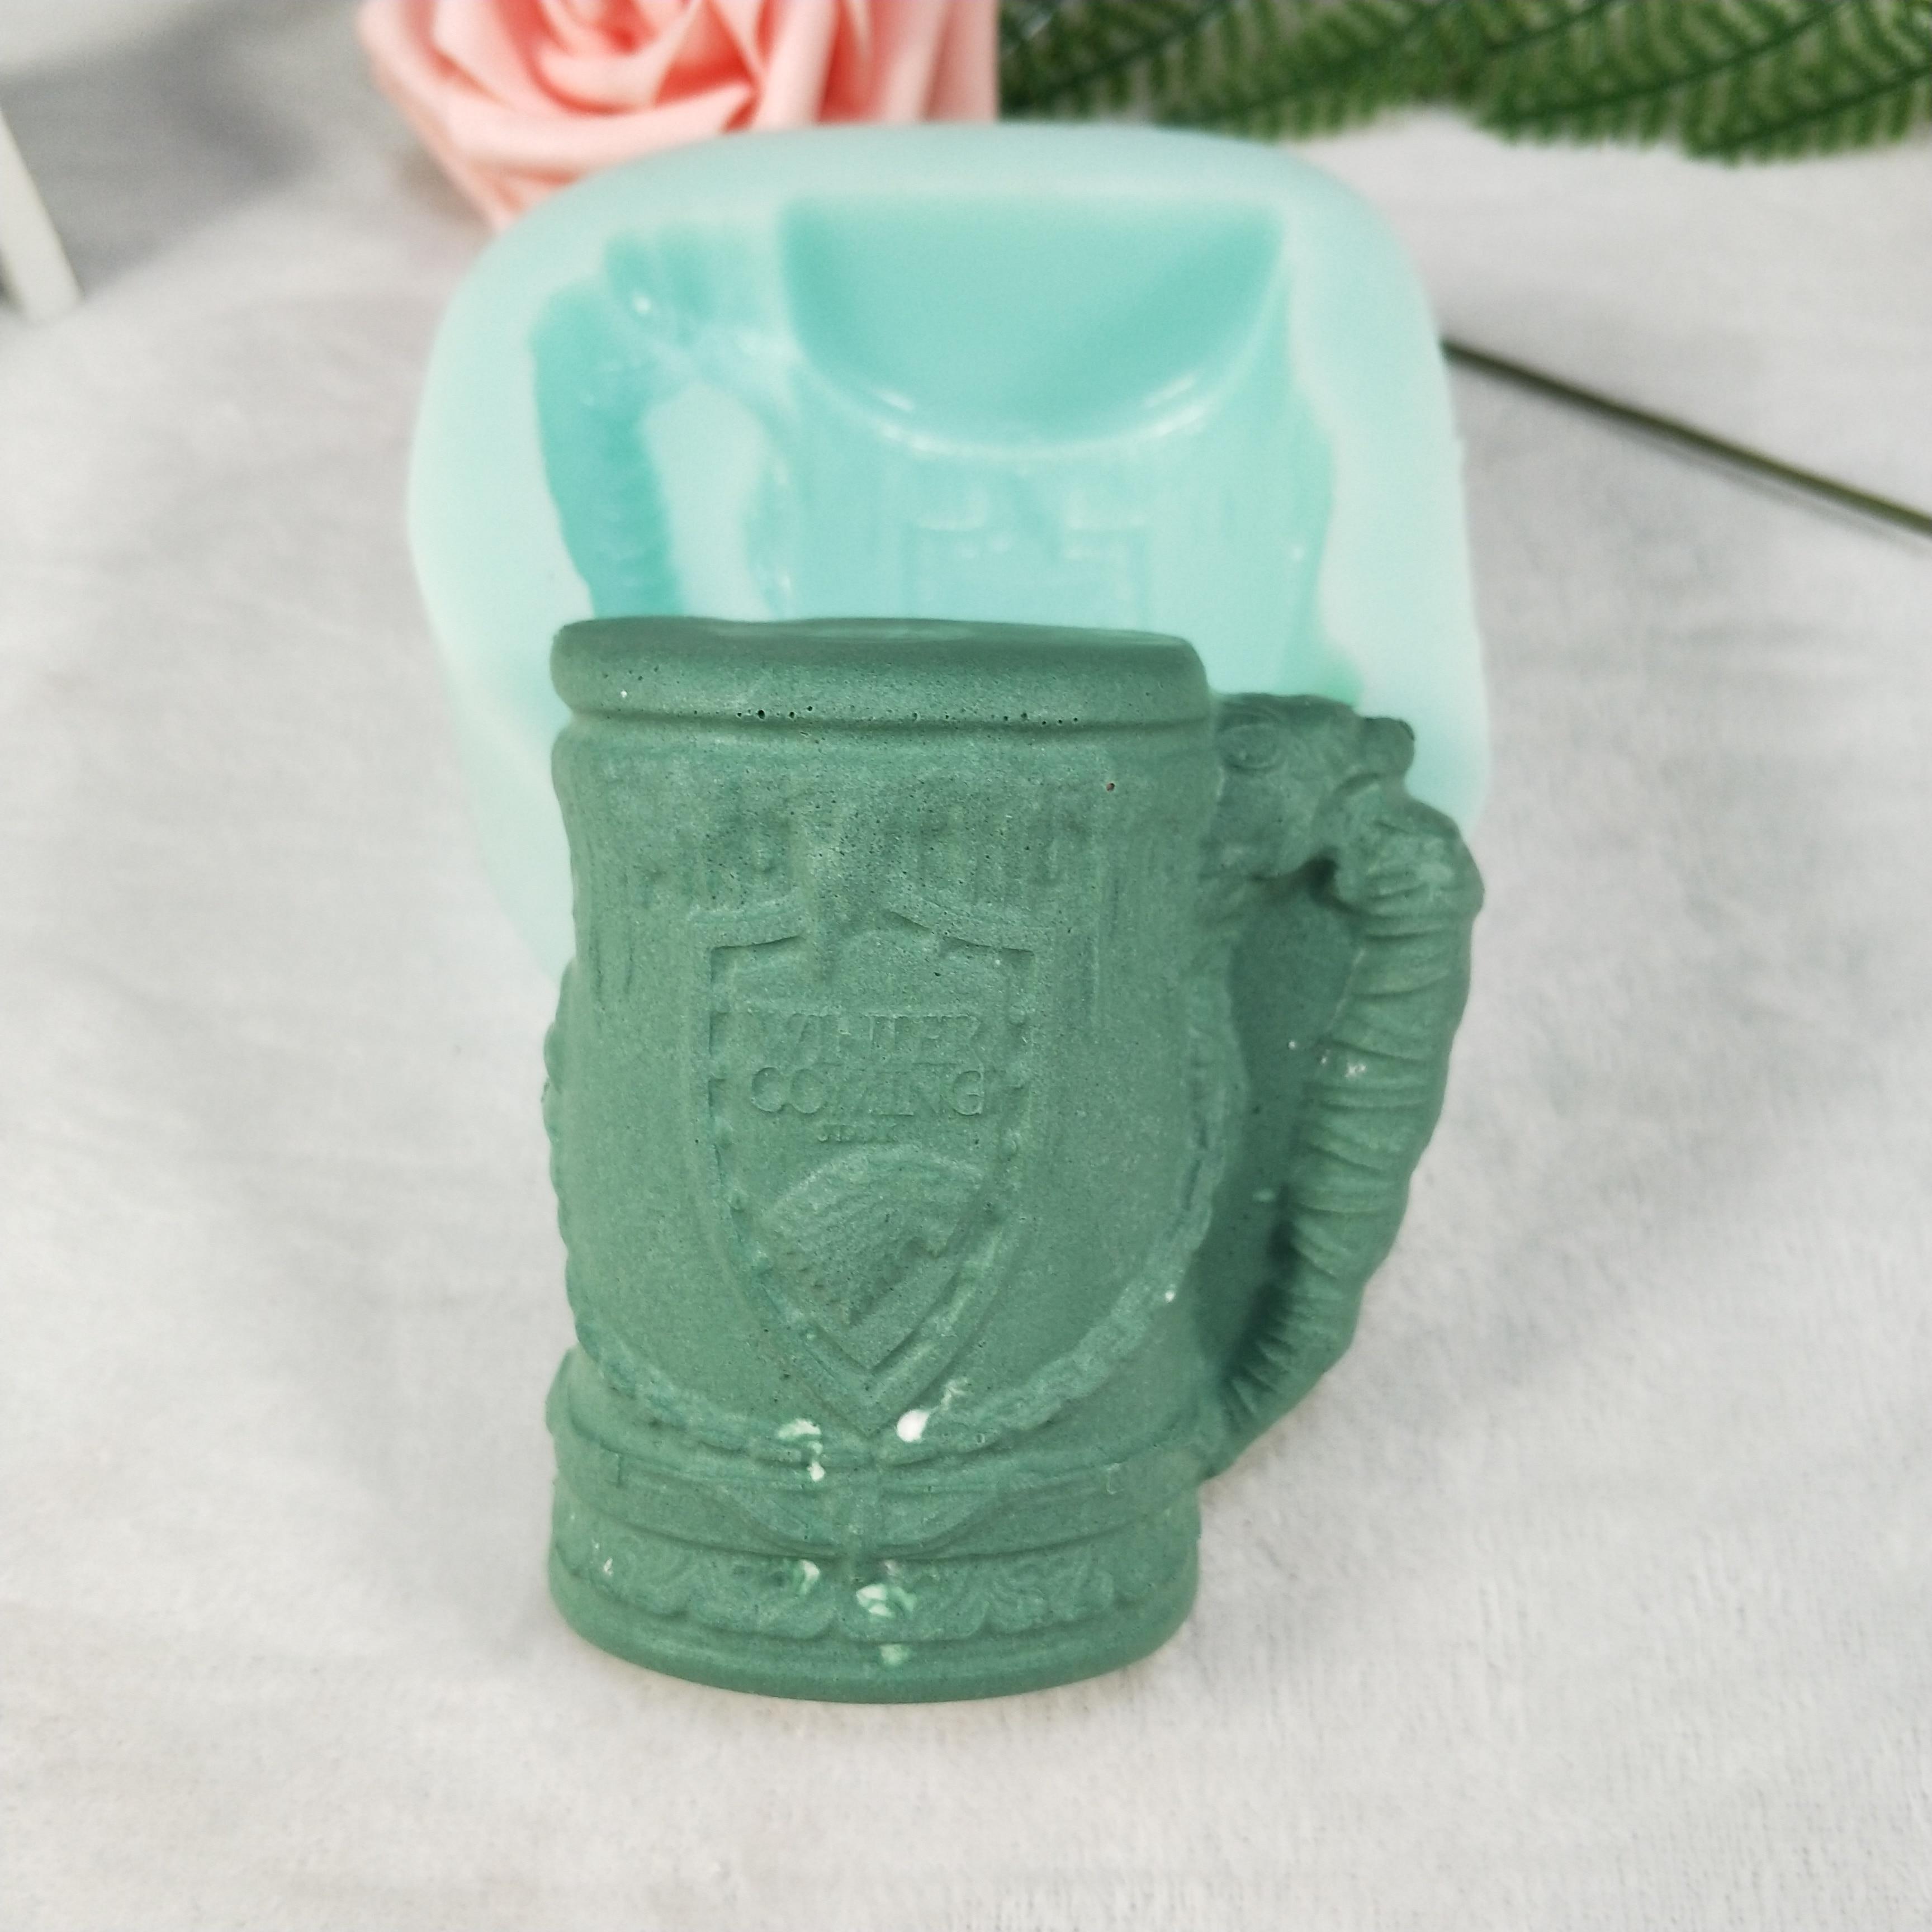 QT0256 PRZY molde de silicona, moldes de jabón para taza de cerveza, molde de caramelo para vela de Chocolate de yeso, moldes para taza de cerveza 2D, moldes de resina para fabricación de jabón